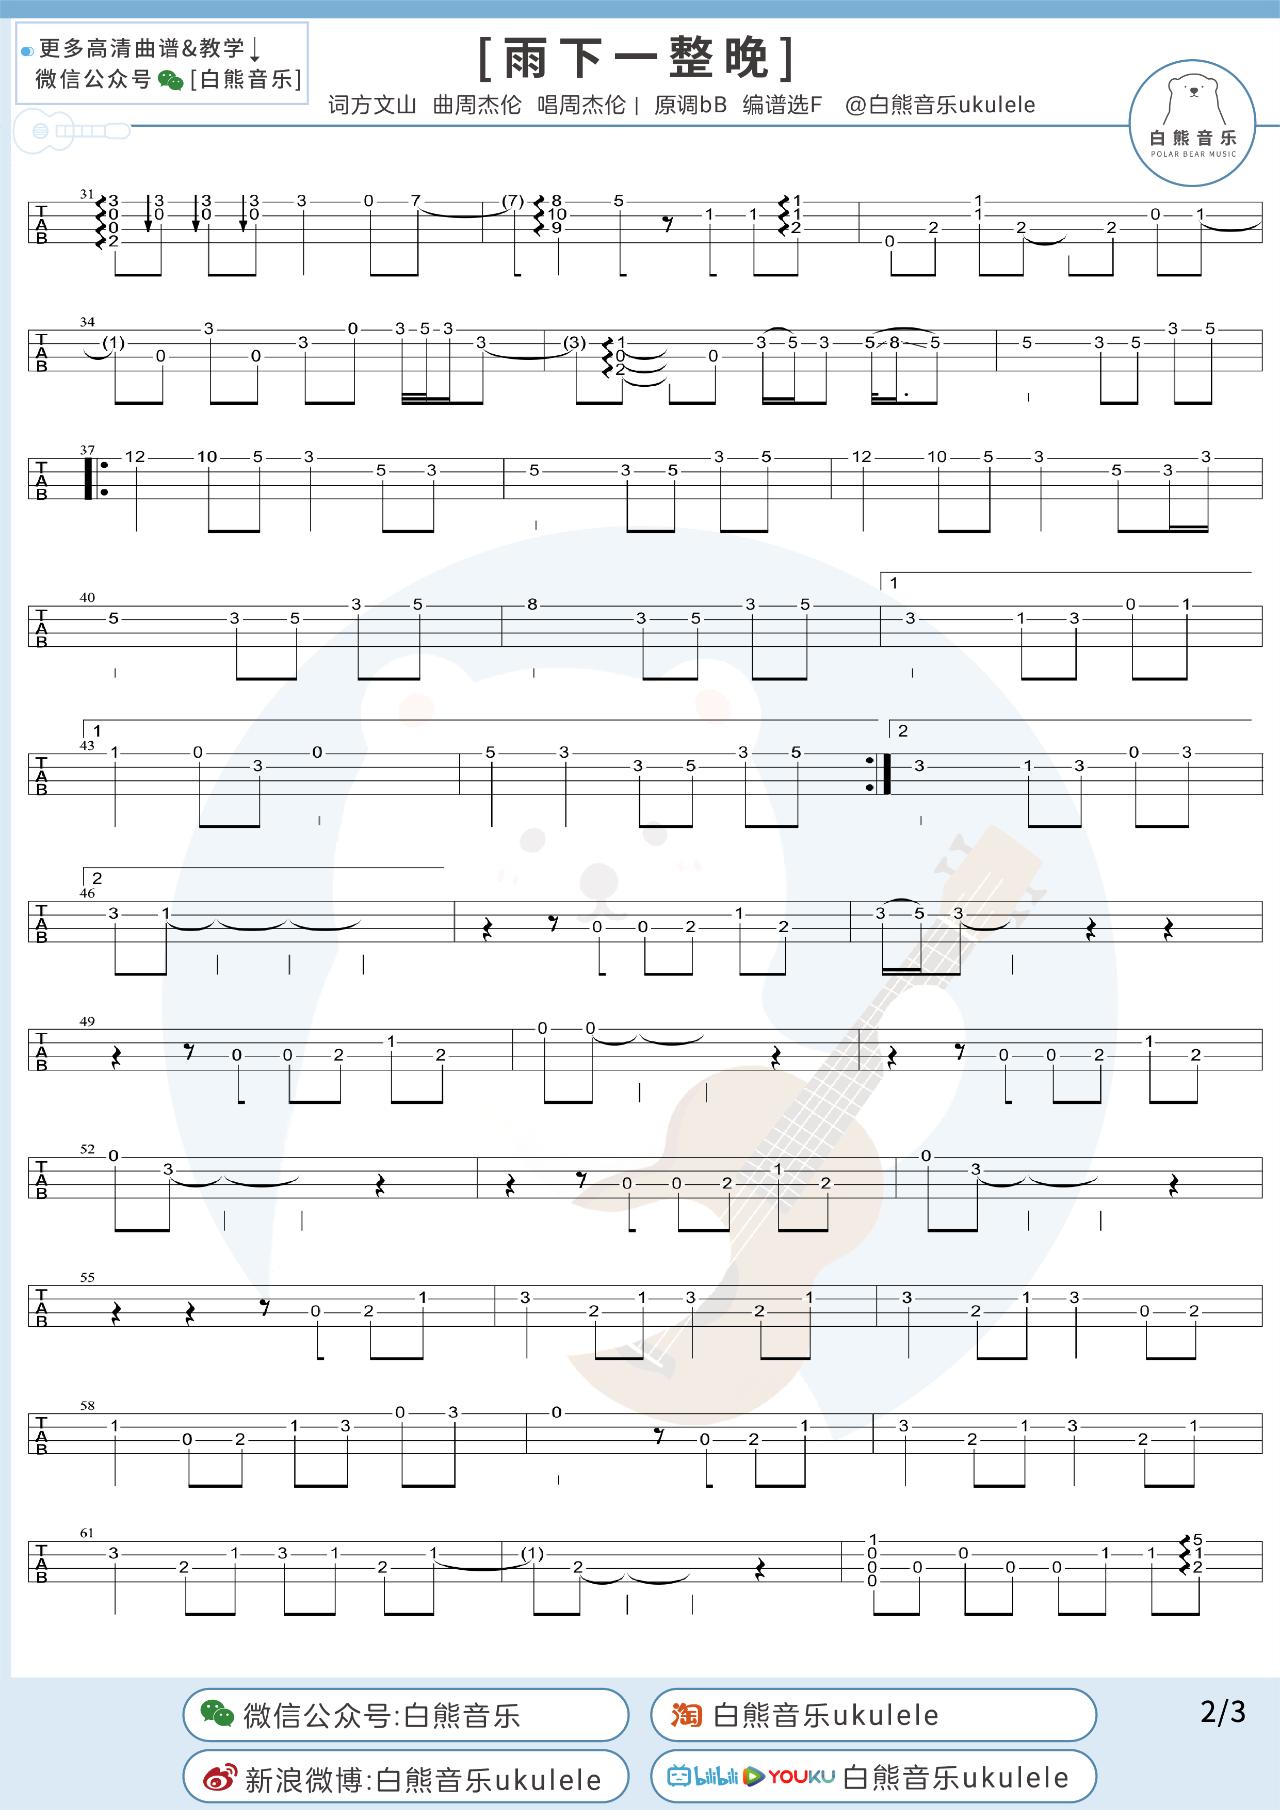 白熊音乐《雨下一整晚》尤克里里谱-2